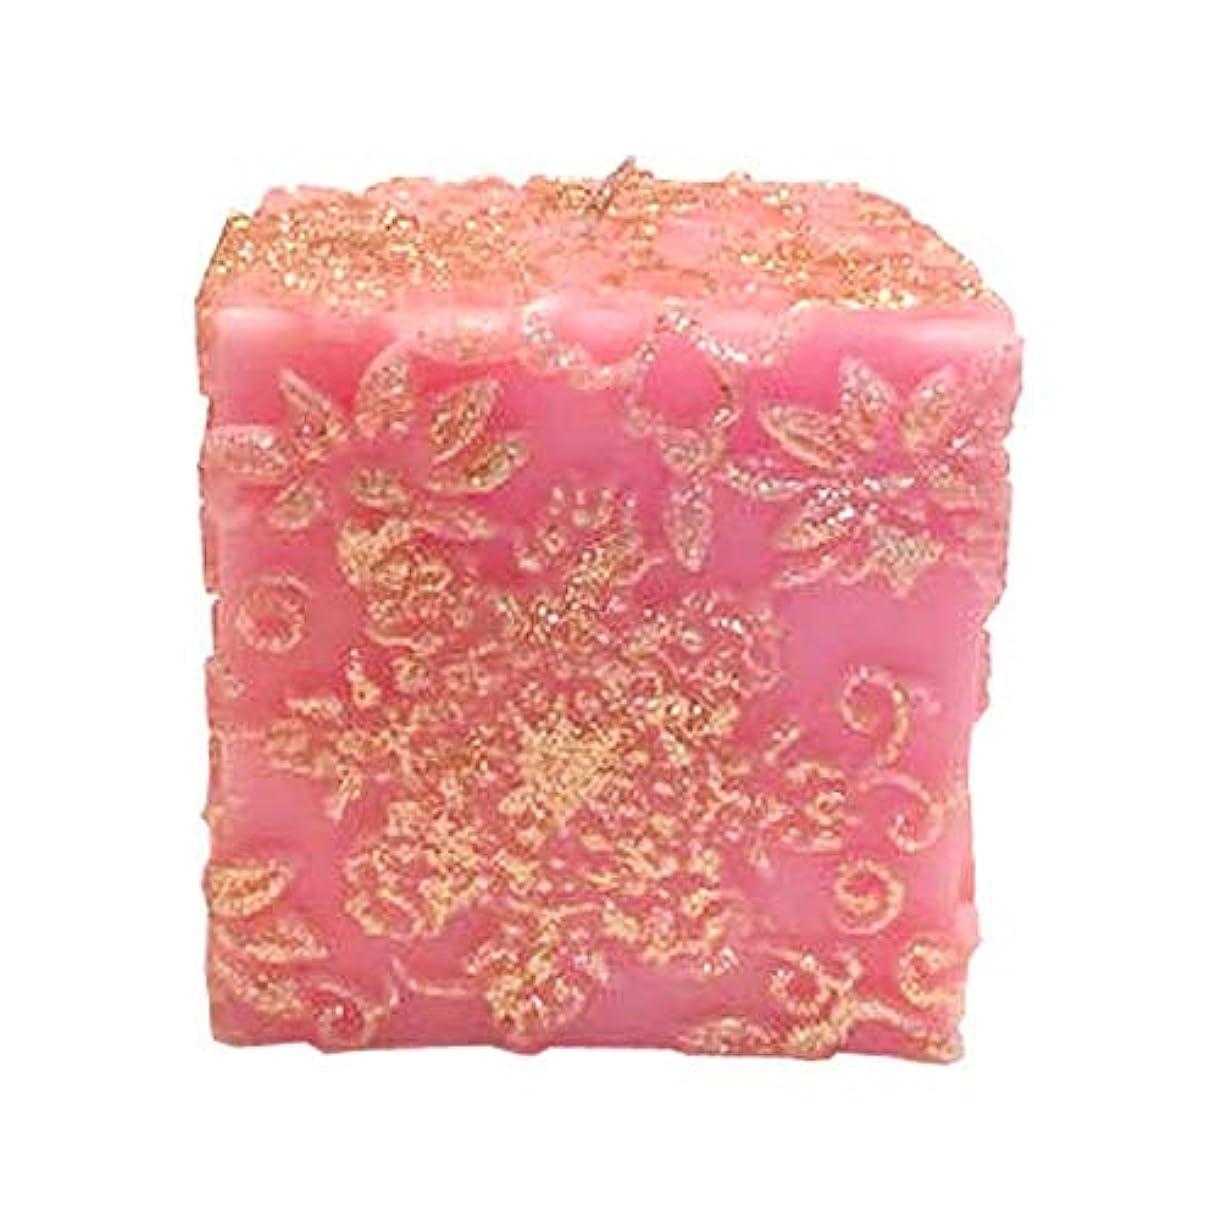 患者関係するロマンチックスノーフレークフラワー Cube (Pink×Gold Gliter)